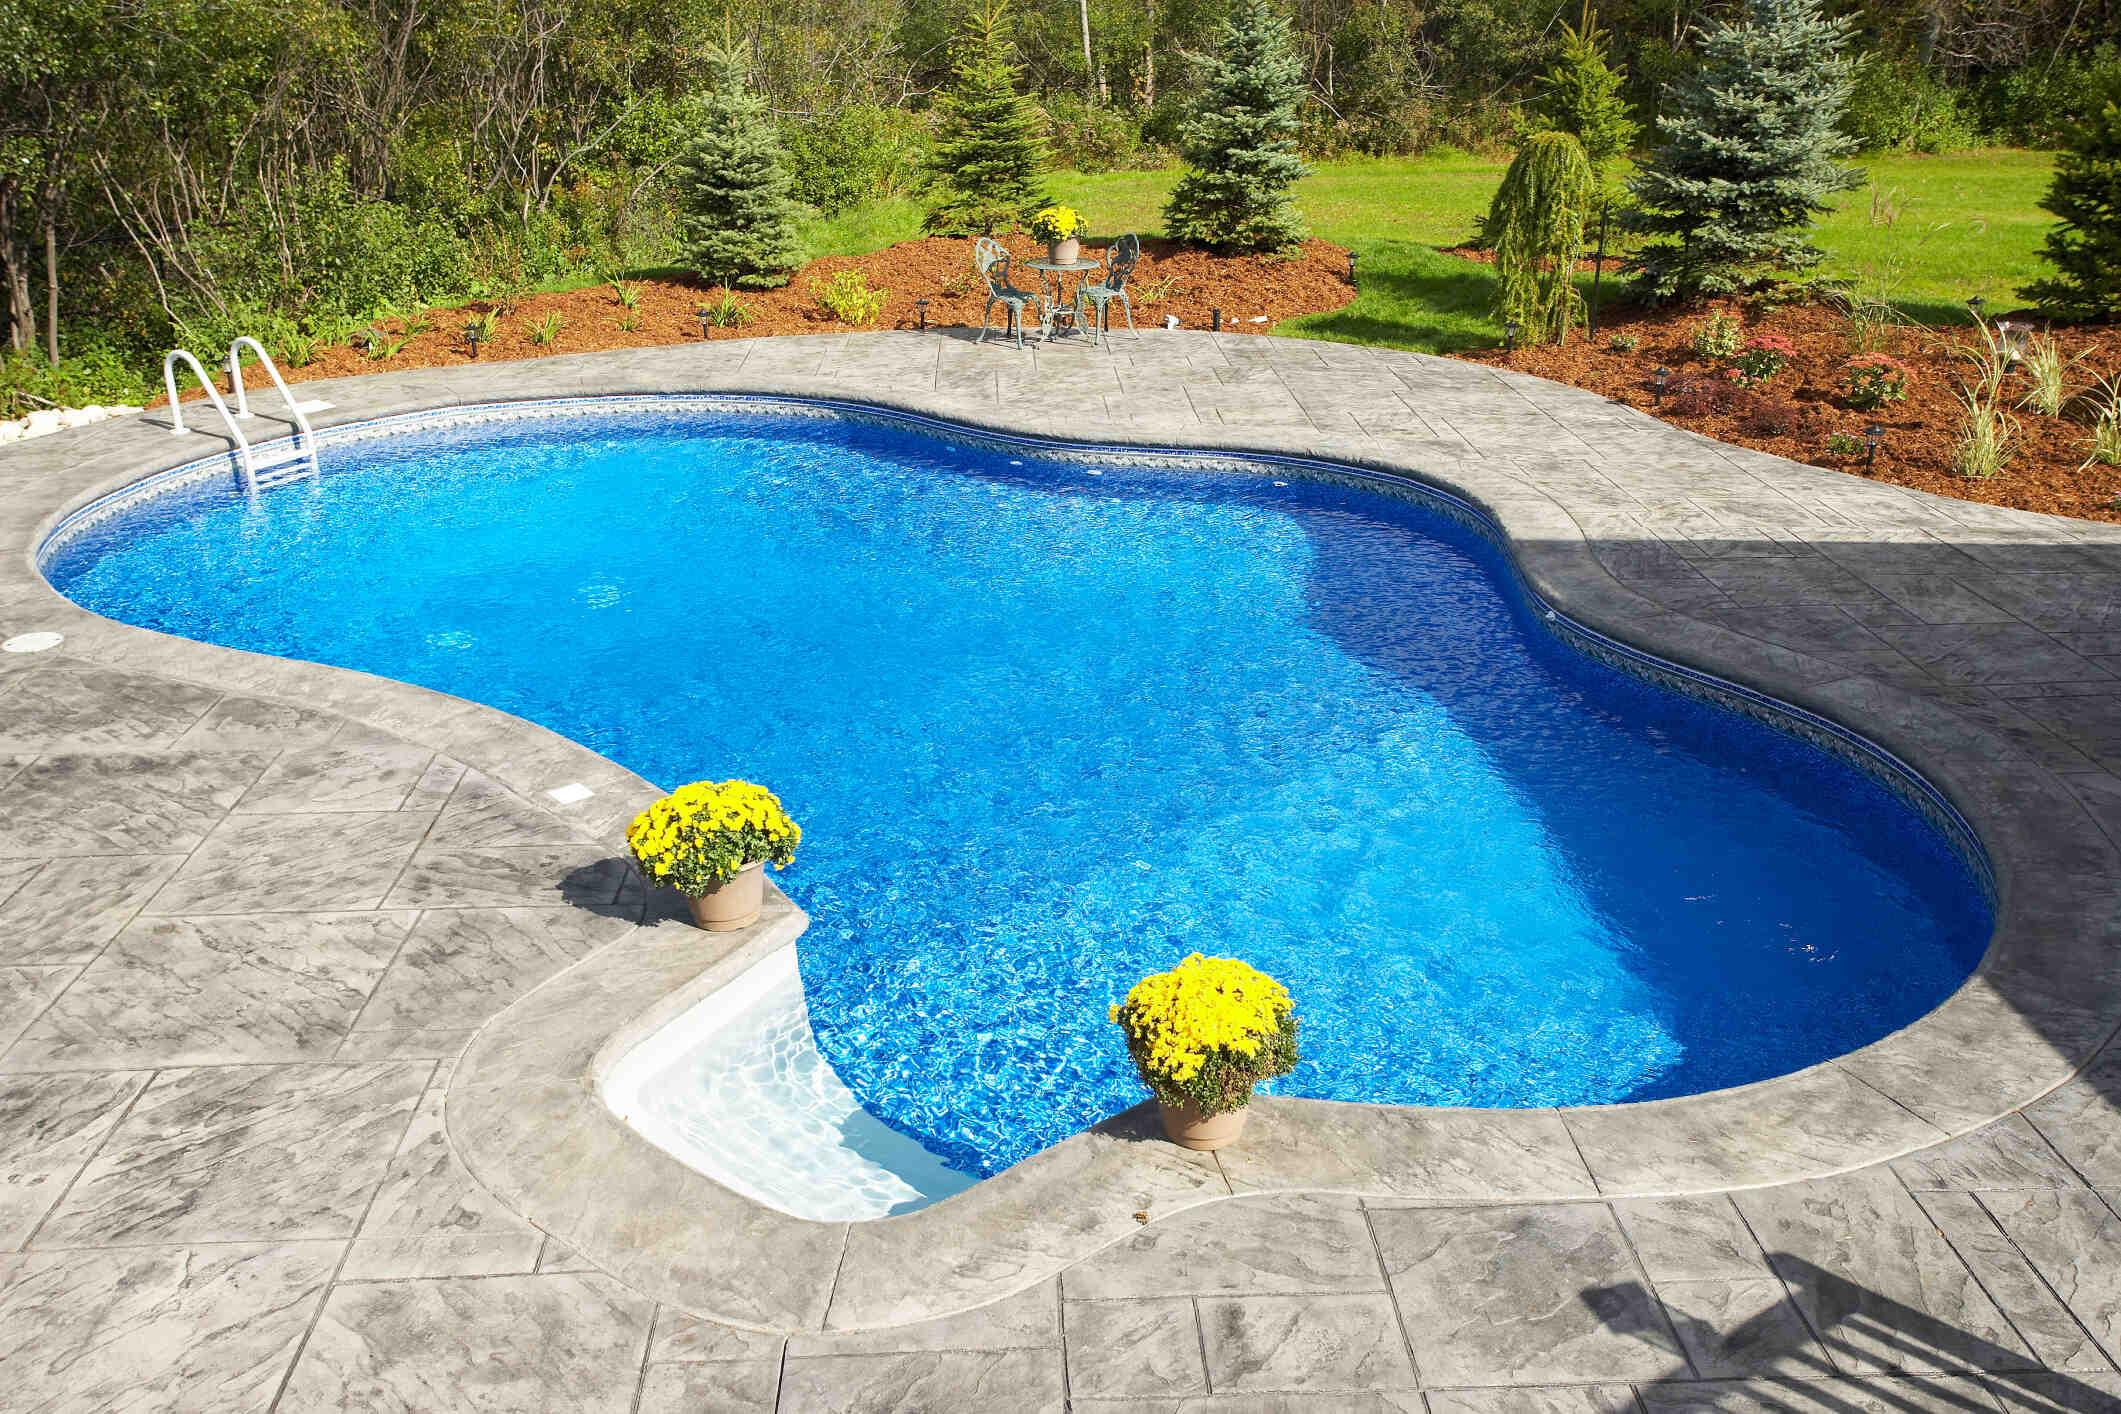 Comment fonctionne une pompe de piscine